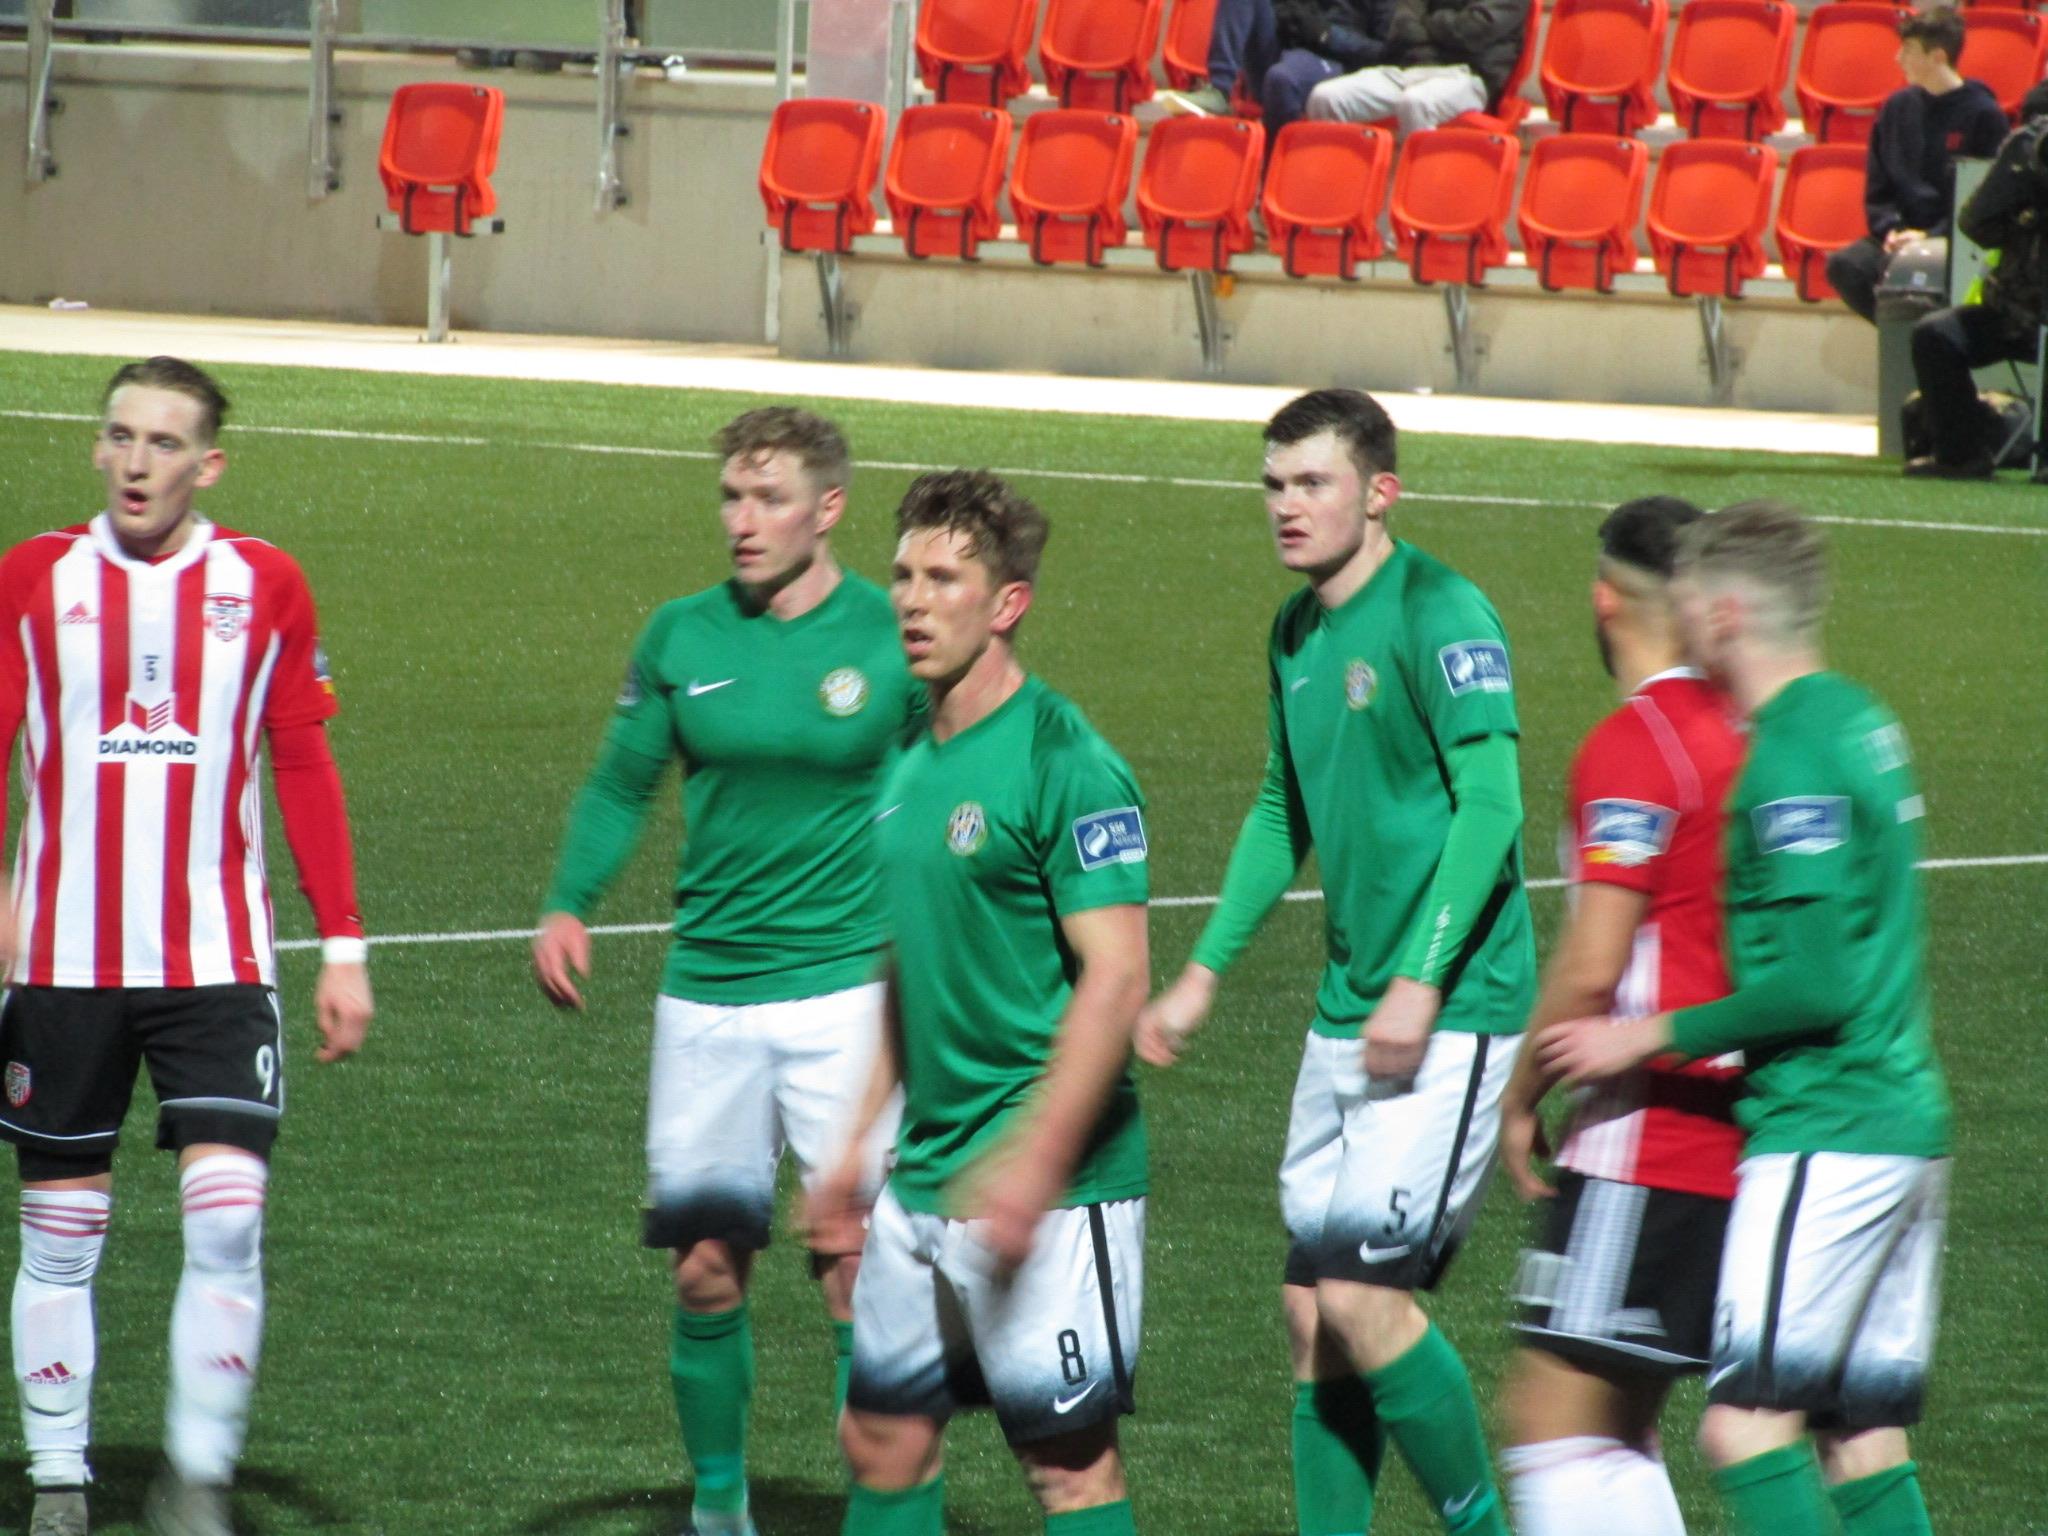 Derry f